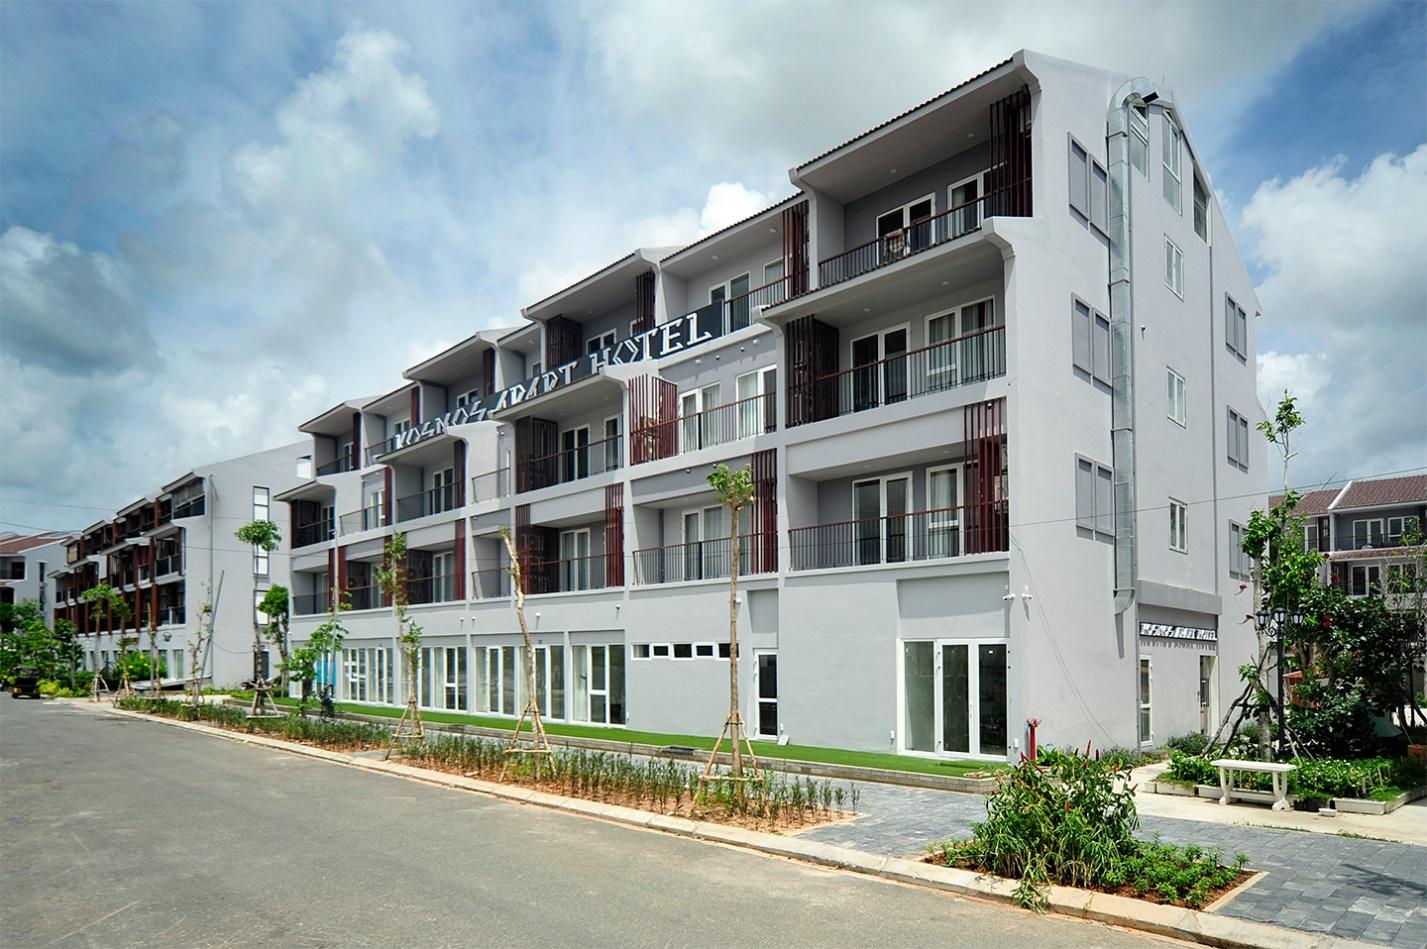 10 khách sạn 3 sao Phú Quốc giá rẻ, đẹp gần biển nên đặt phòng